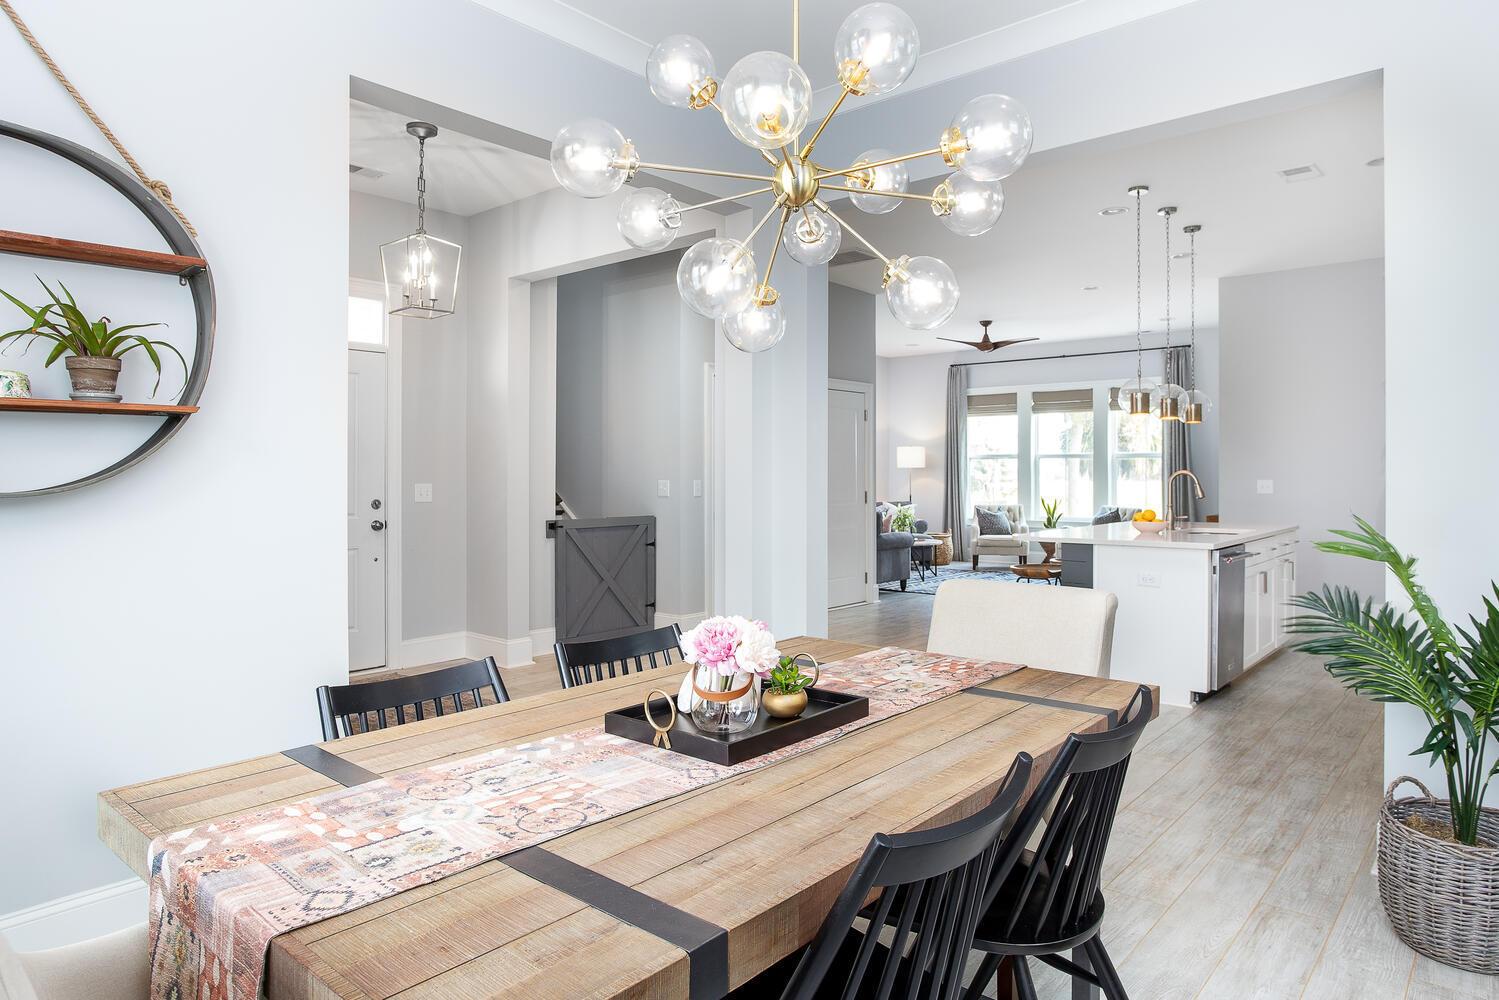 Kings Flats Homes For Sale - 103 Alder, Charleston, SC - 56